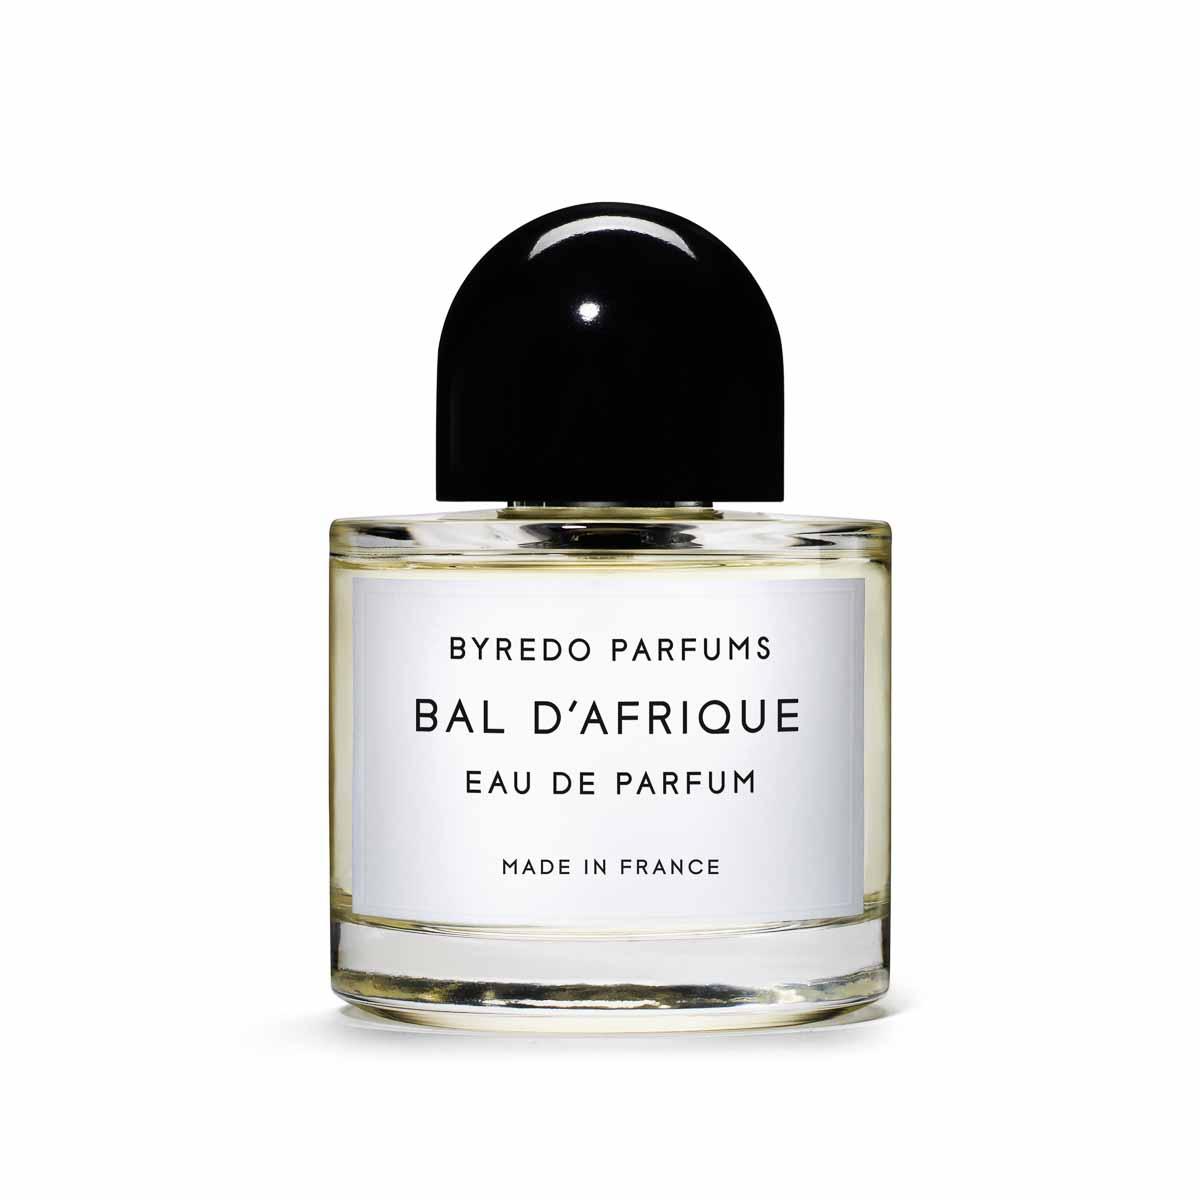 Byredo Bal d'Afrique Parfum